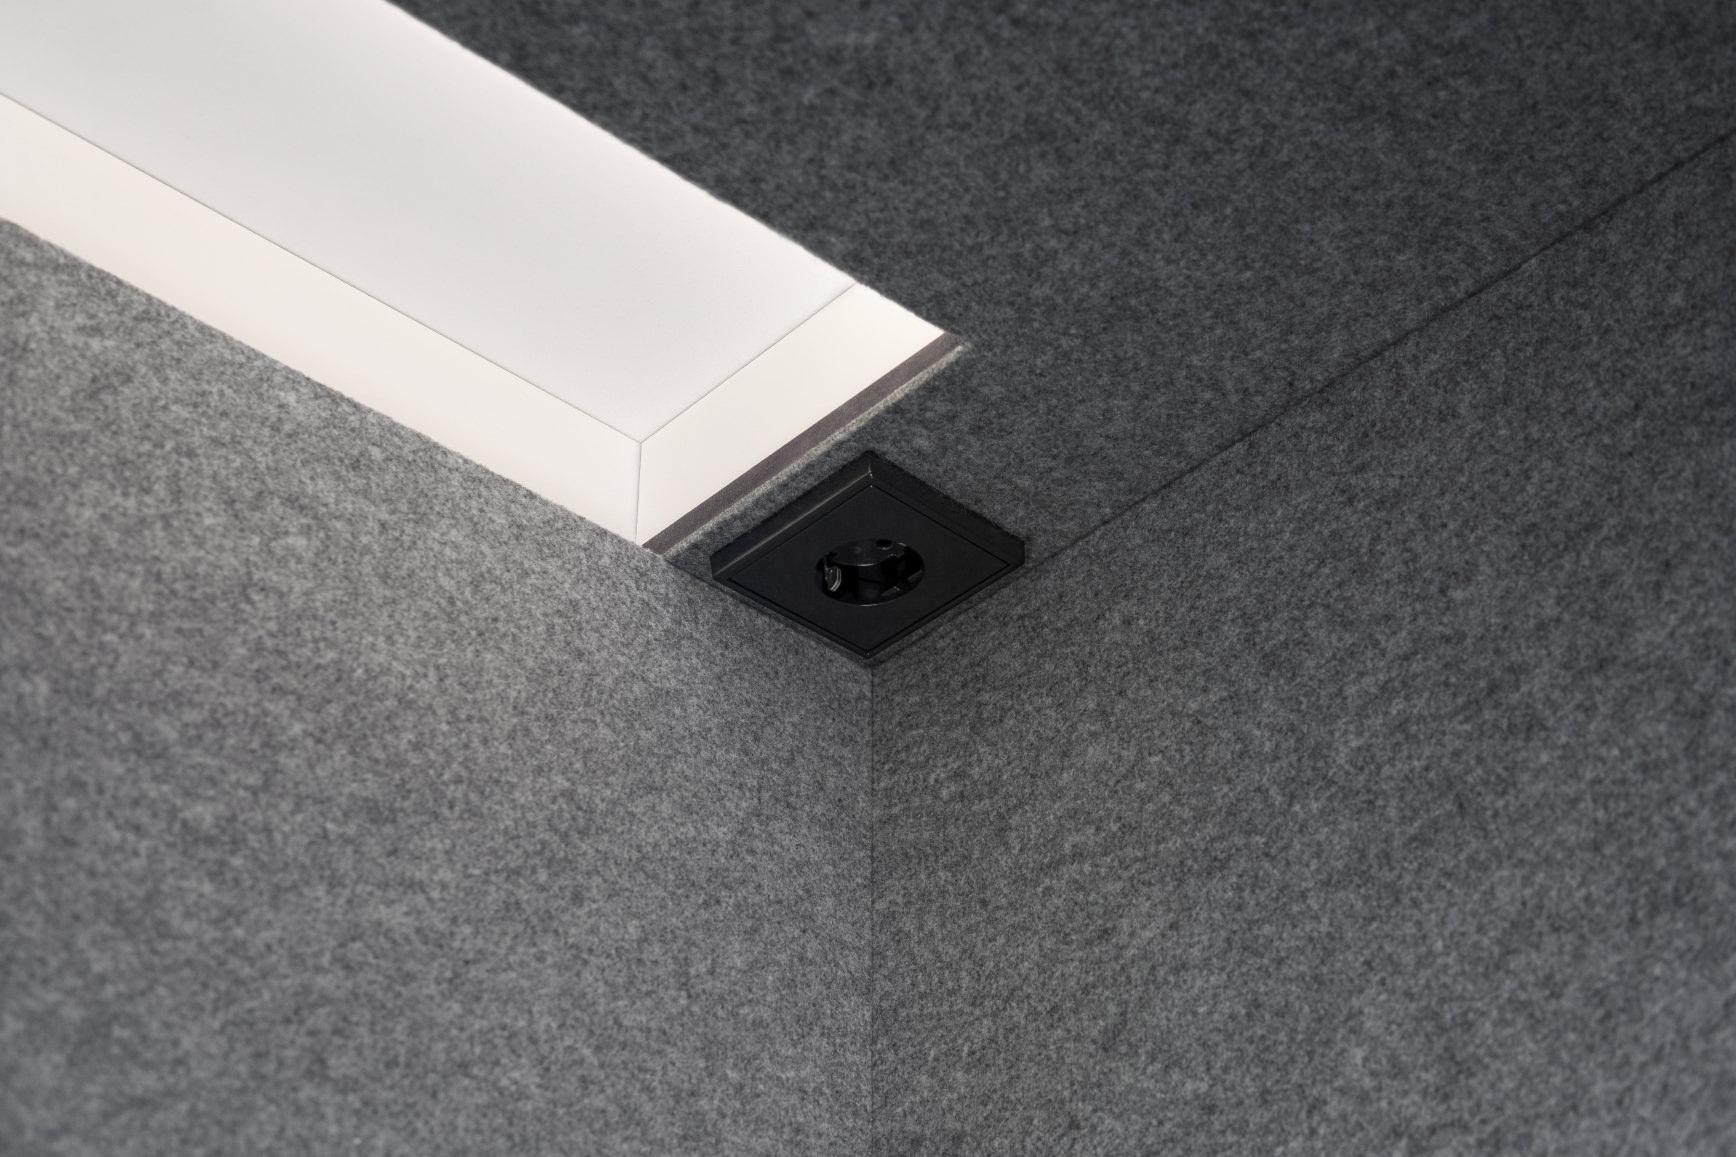 Das Innere, der in grau beschichteten Akustikfilzdecke einer Telefonbox für Büros, mit Steckdose und LED-Beleuchtung.